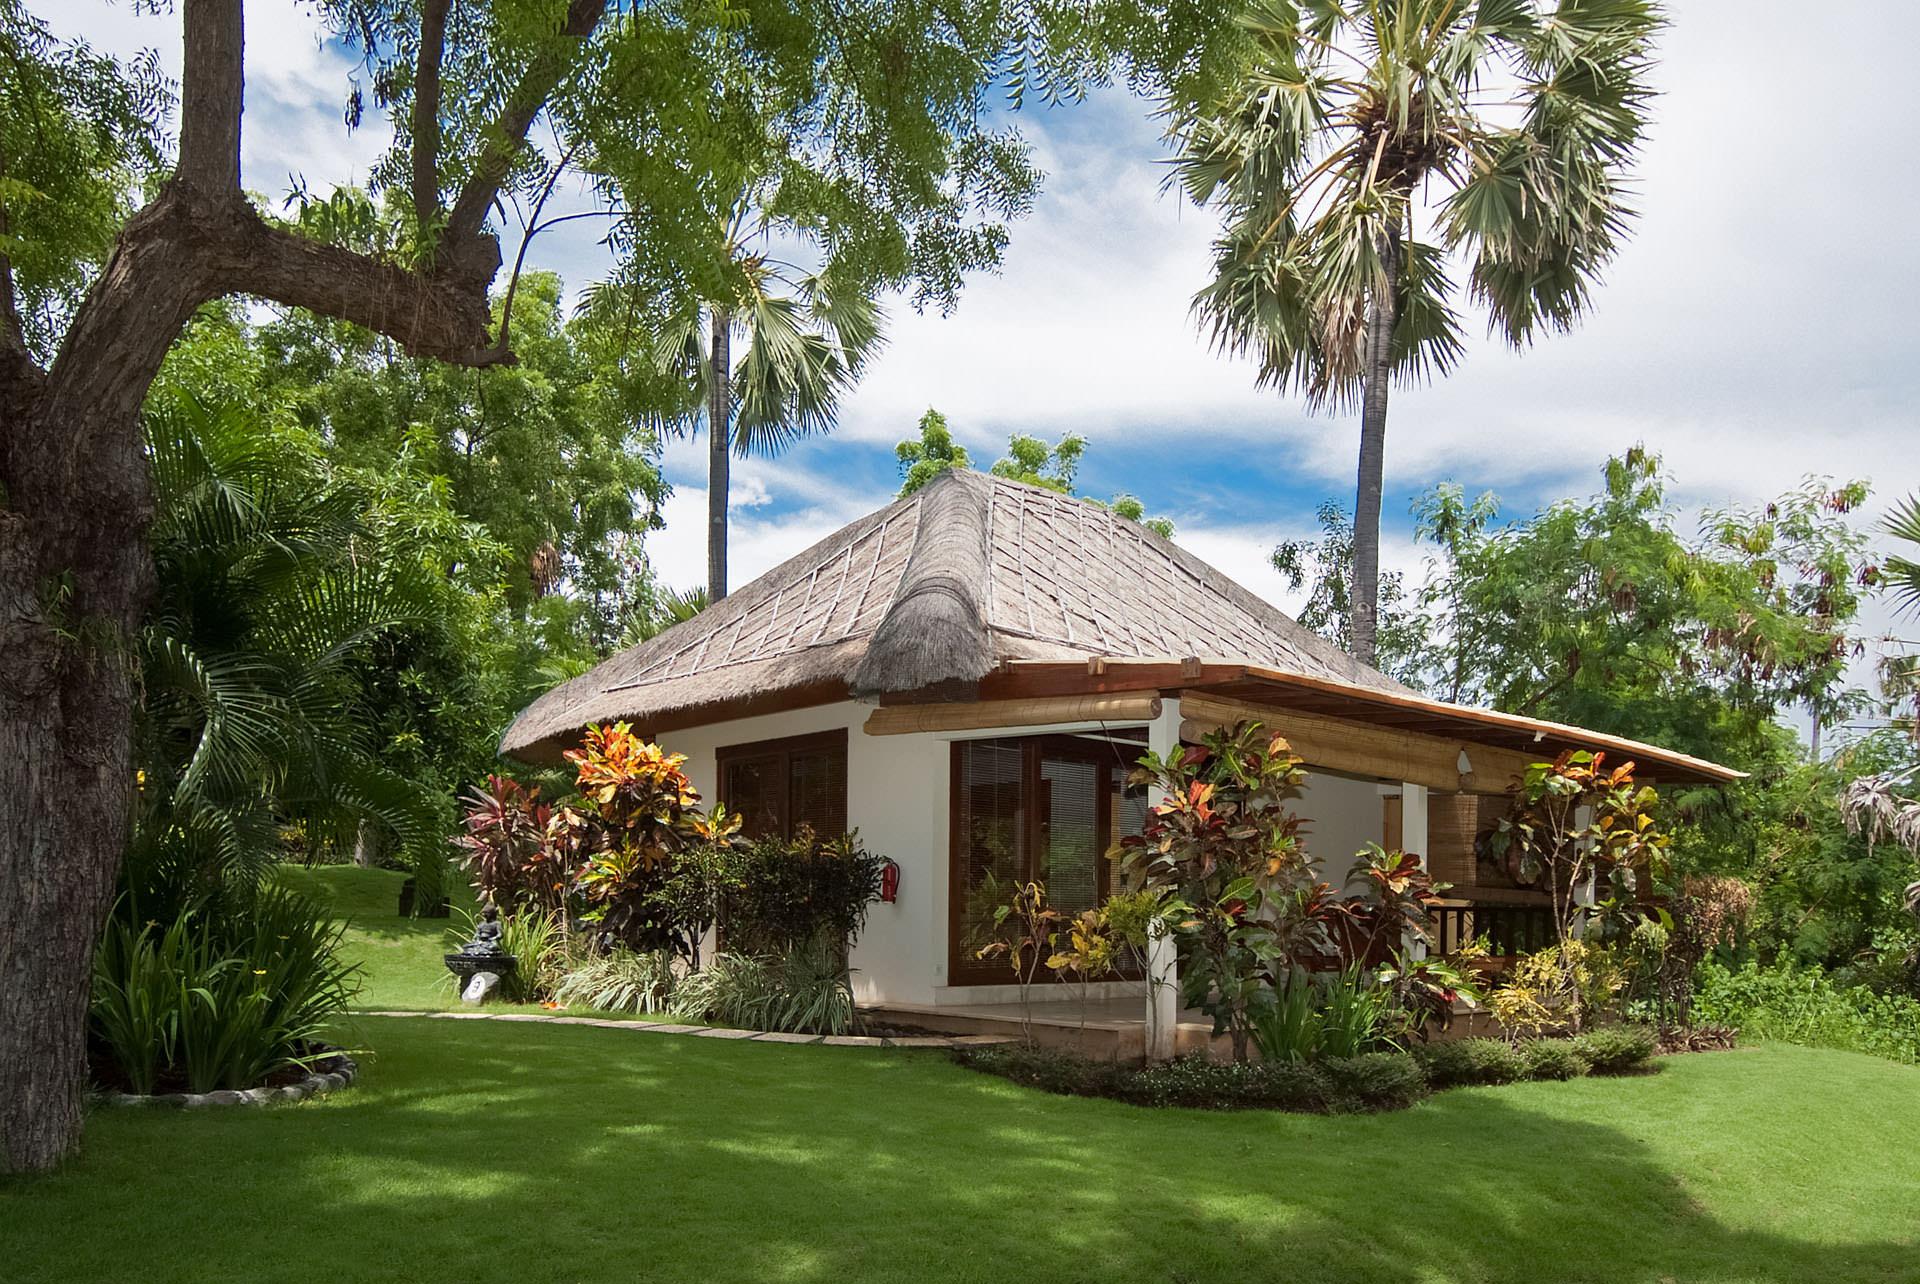 Бунгало как идеальный вариант загородного дома